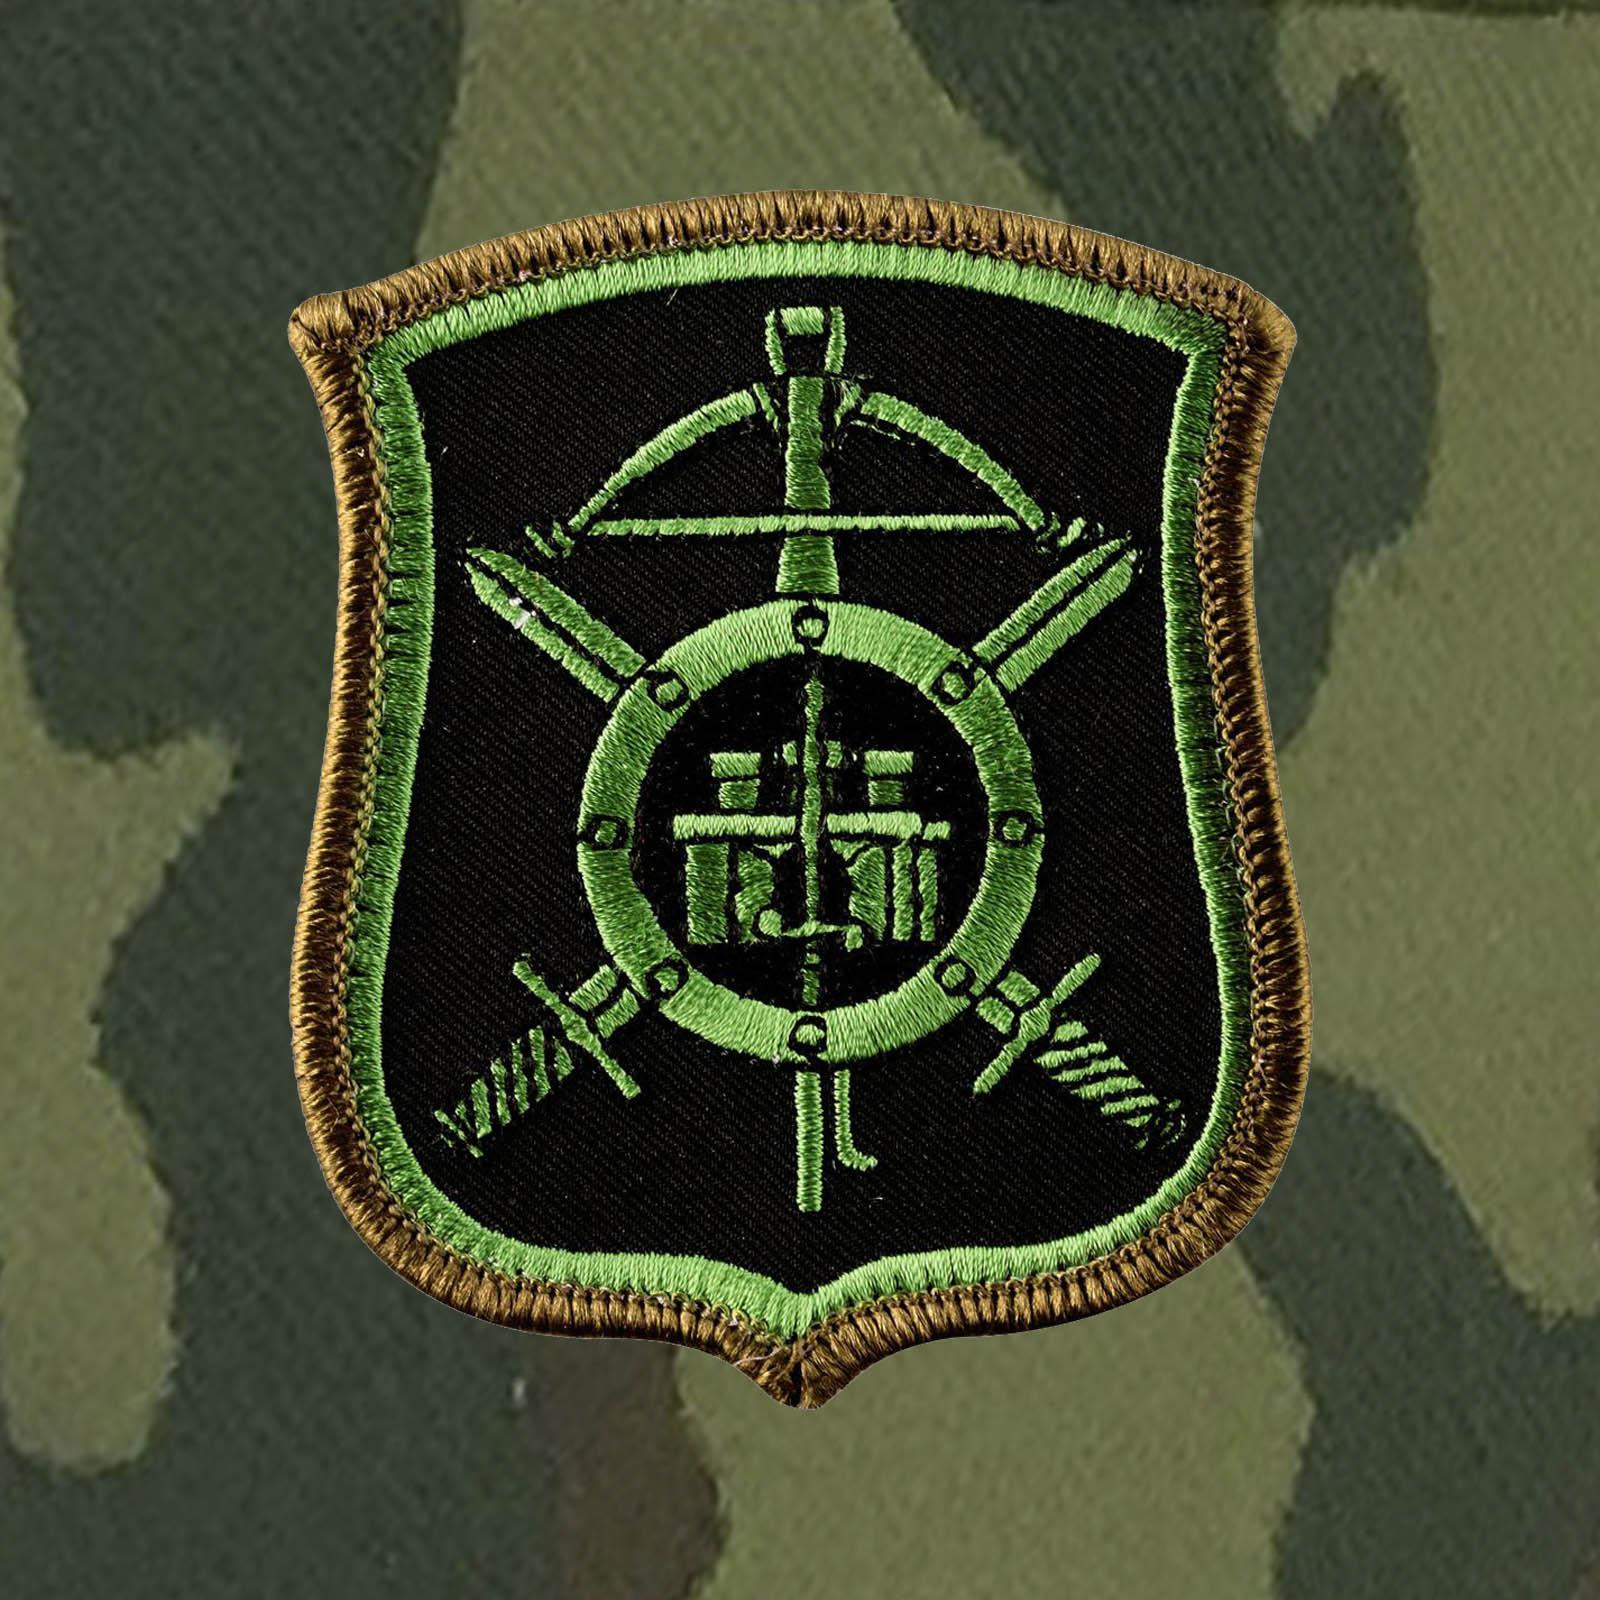 Армейская кепка РВСН с эмблемой 14-ой ракетной дивизии.